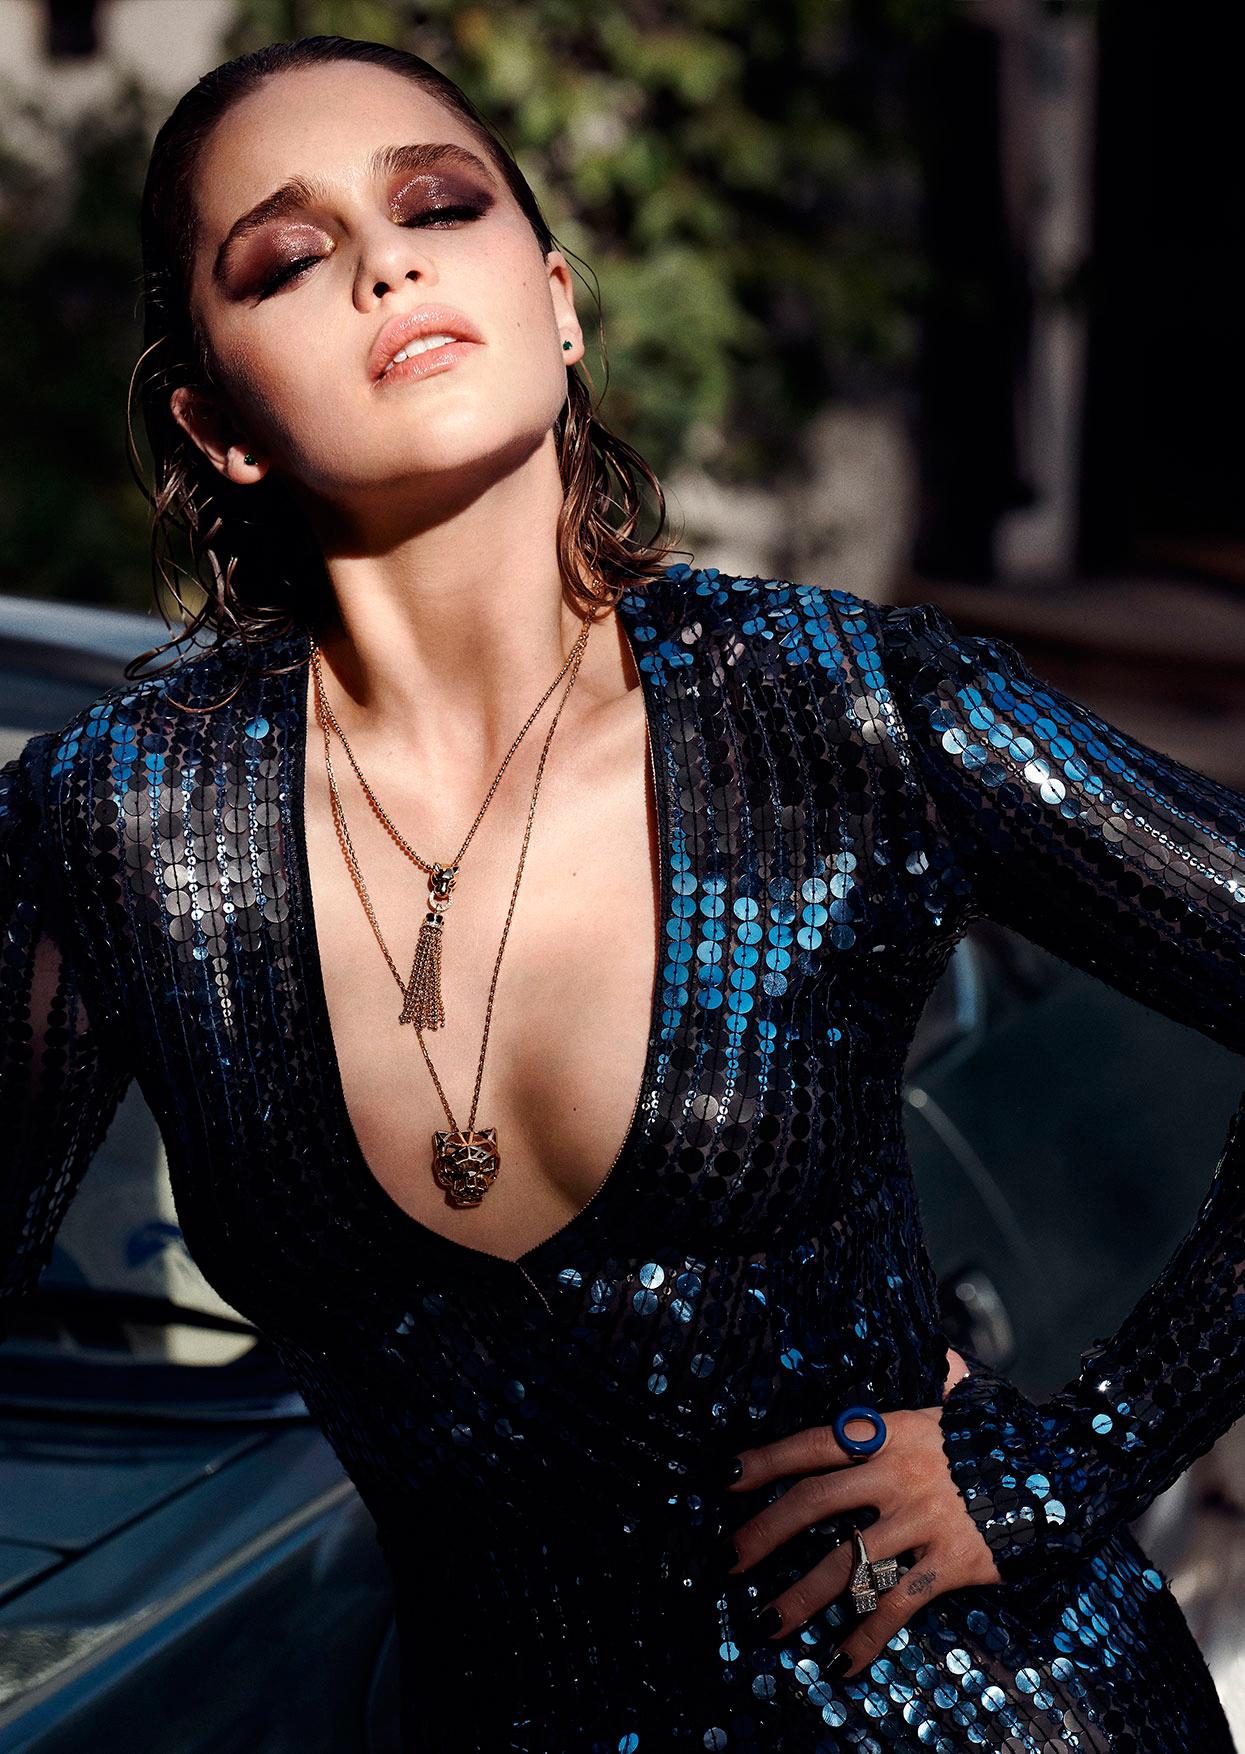 Эмилия Кларк вызывающее грудь фото 2016